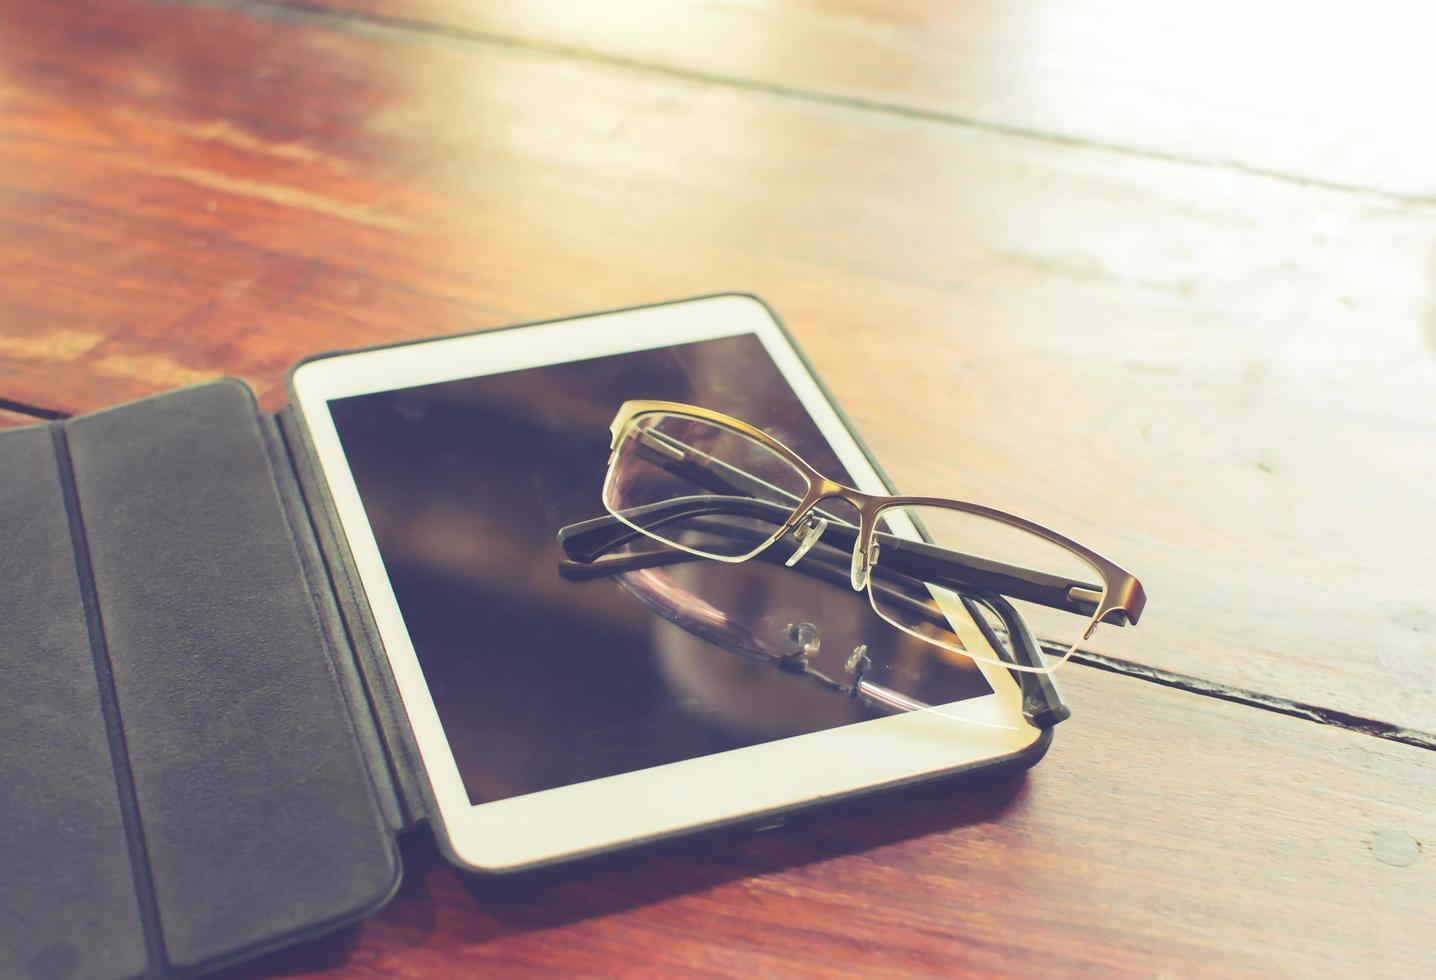 lunettes reposant sur une tablette photo